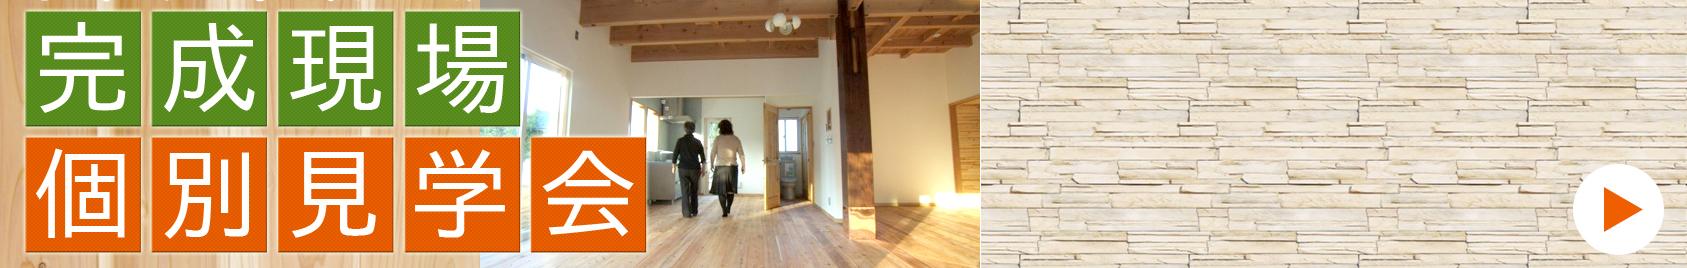 家づくり こだわり 自然素材 人の健康  ガレージ つくば 坂東 茨城 古河 栃木 小山